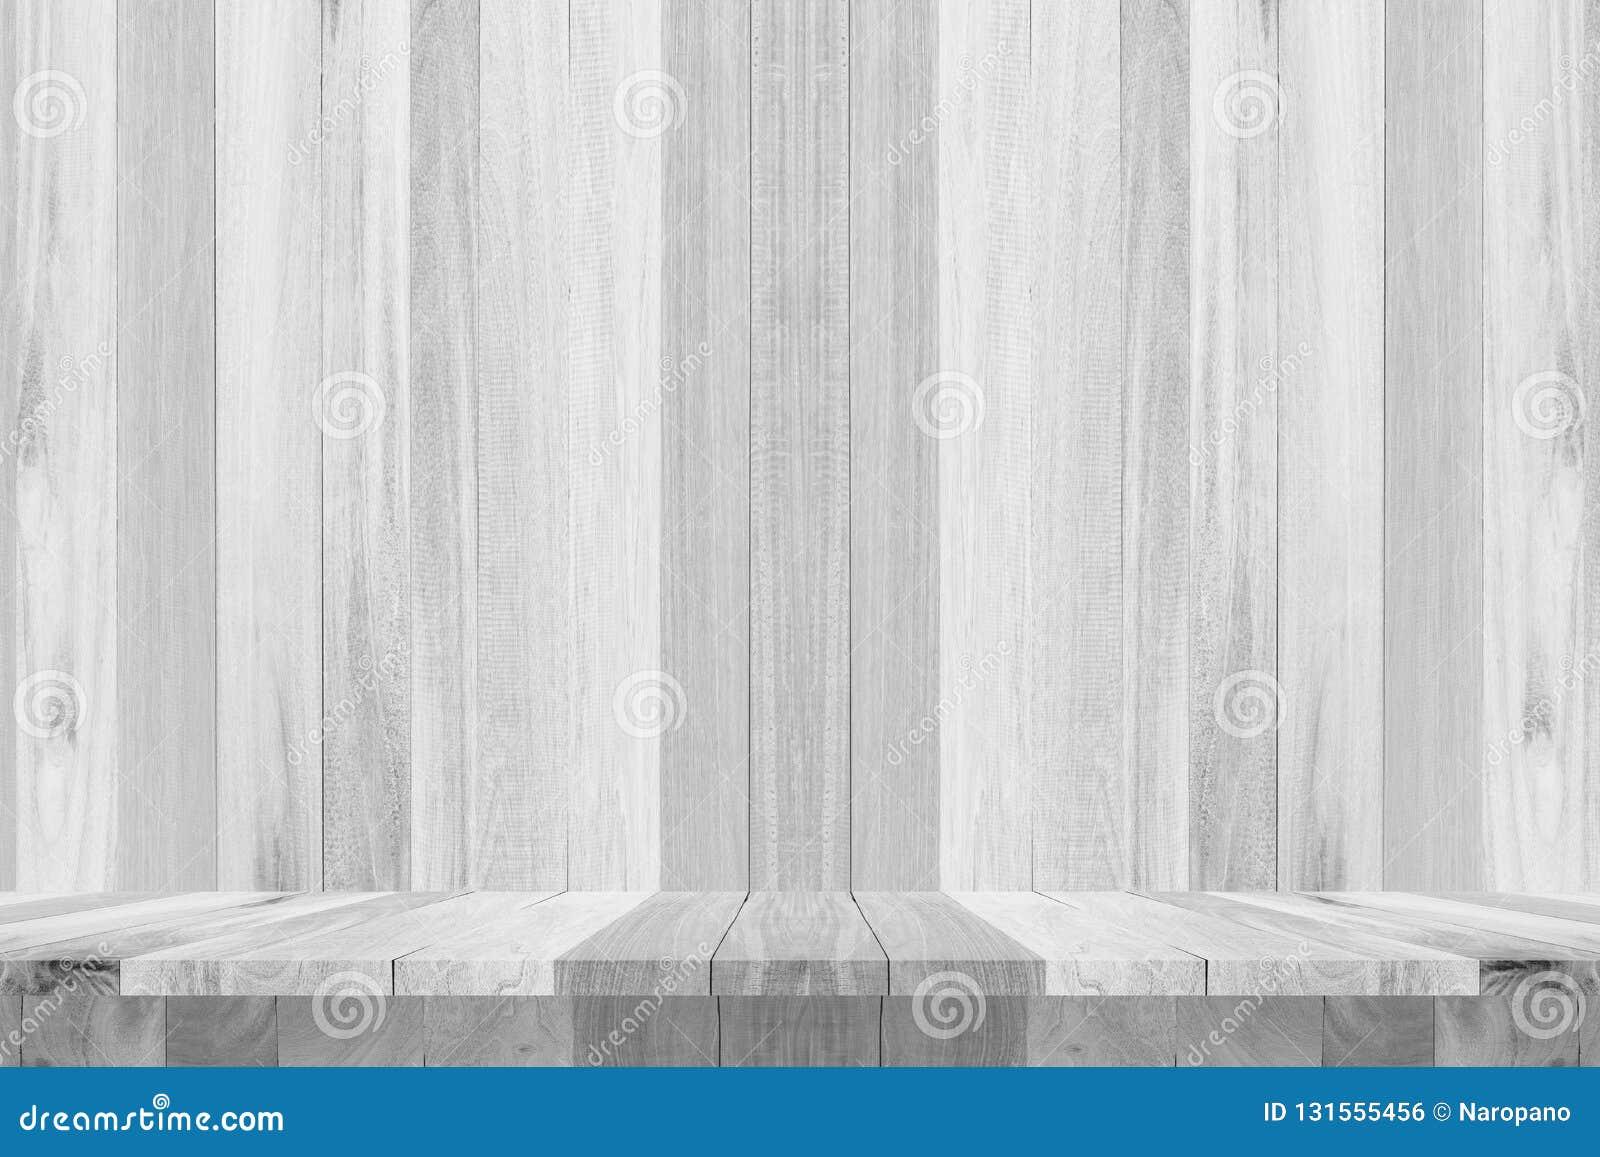 För texturbakgrund för trä vitt mellanrum för design